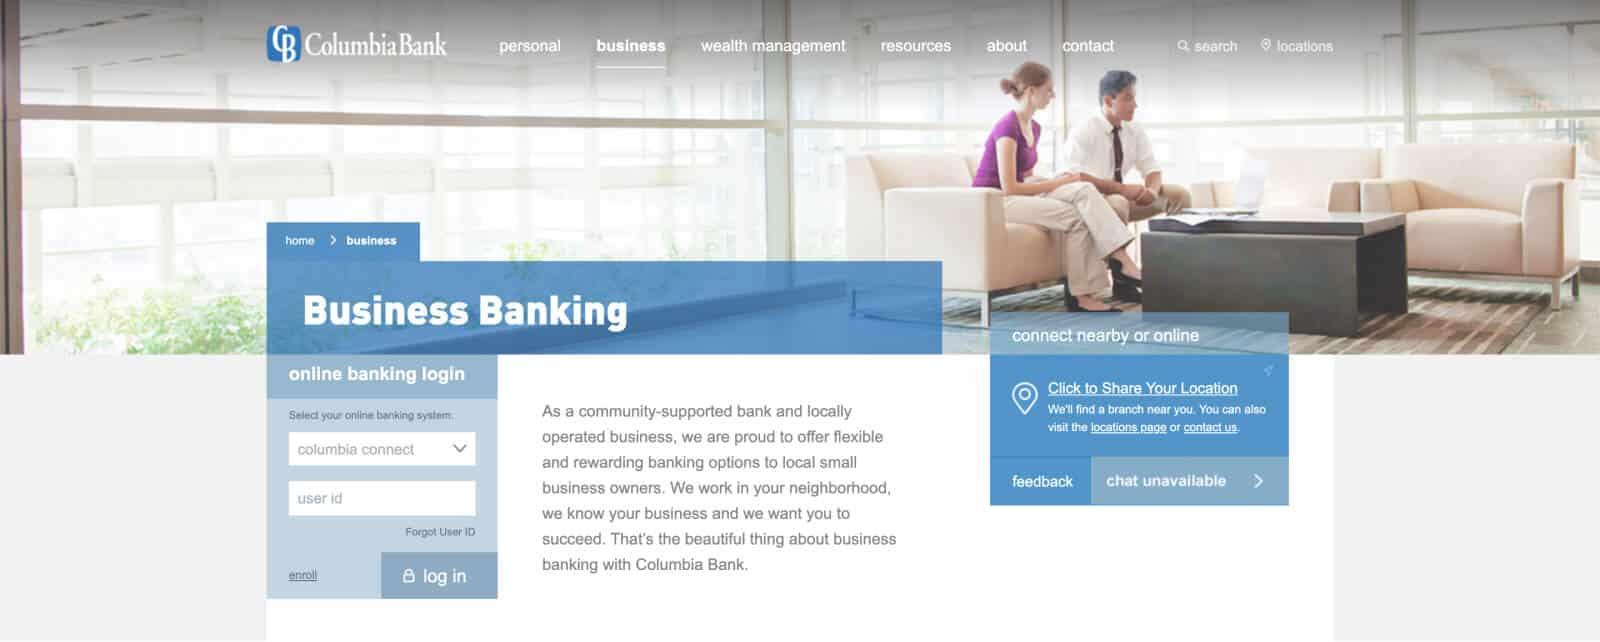 Columbia Bank in Oregon